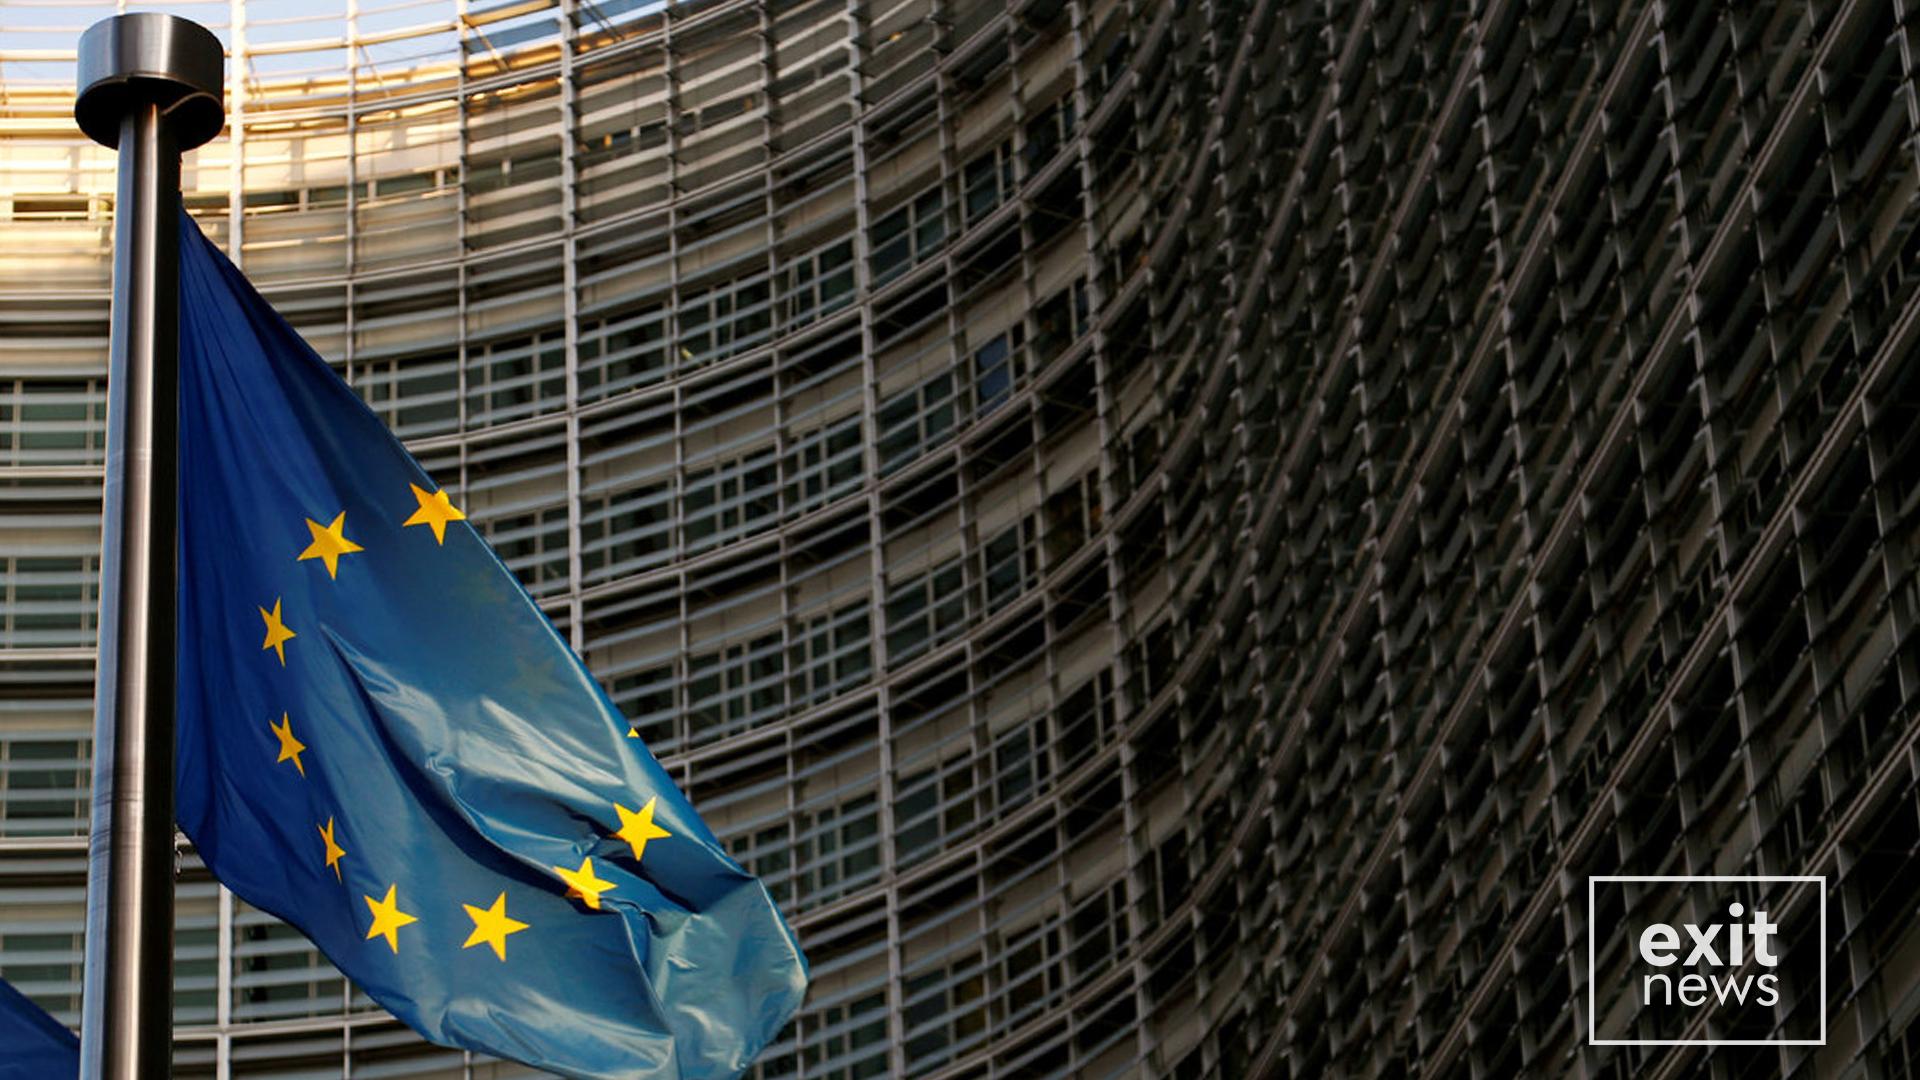 12 kushtet e BE-së për Shqipërinë, pas hapjes së negociatave